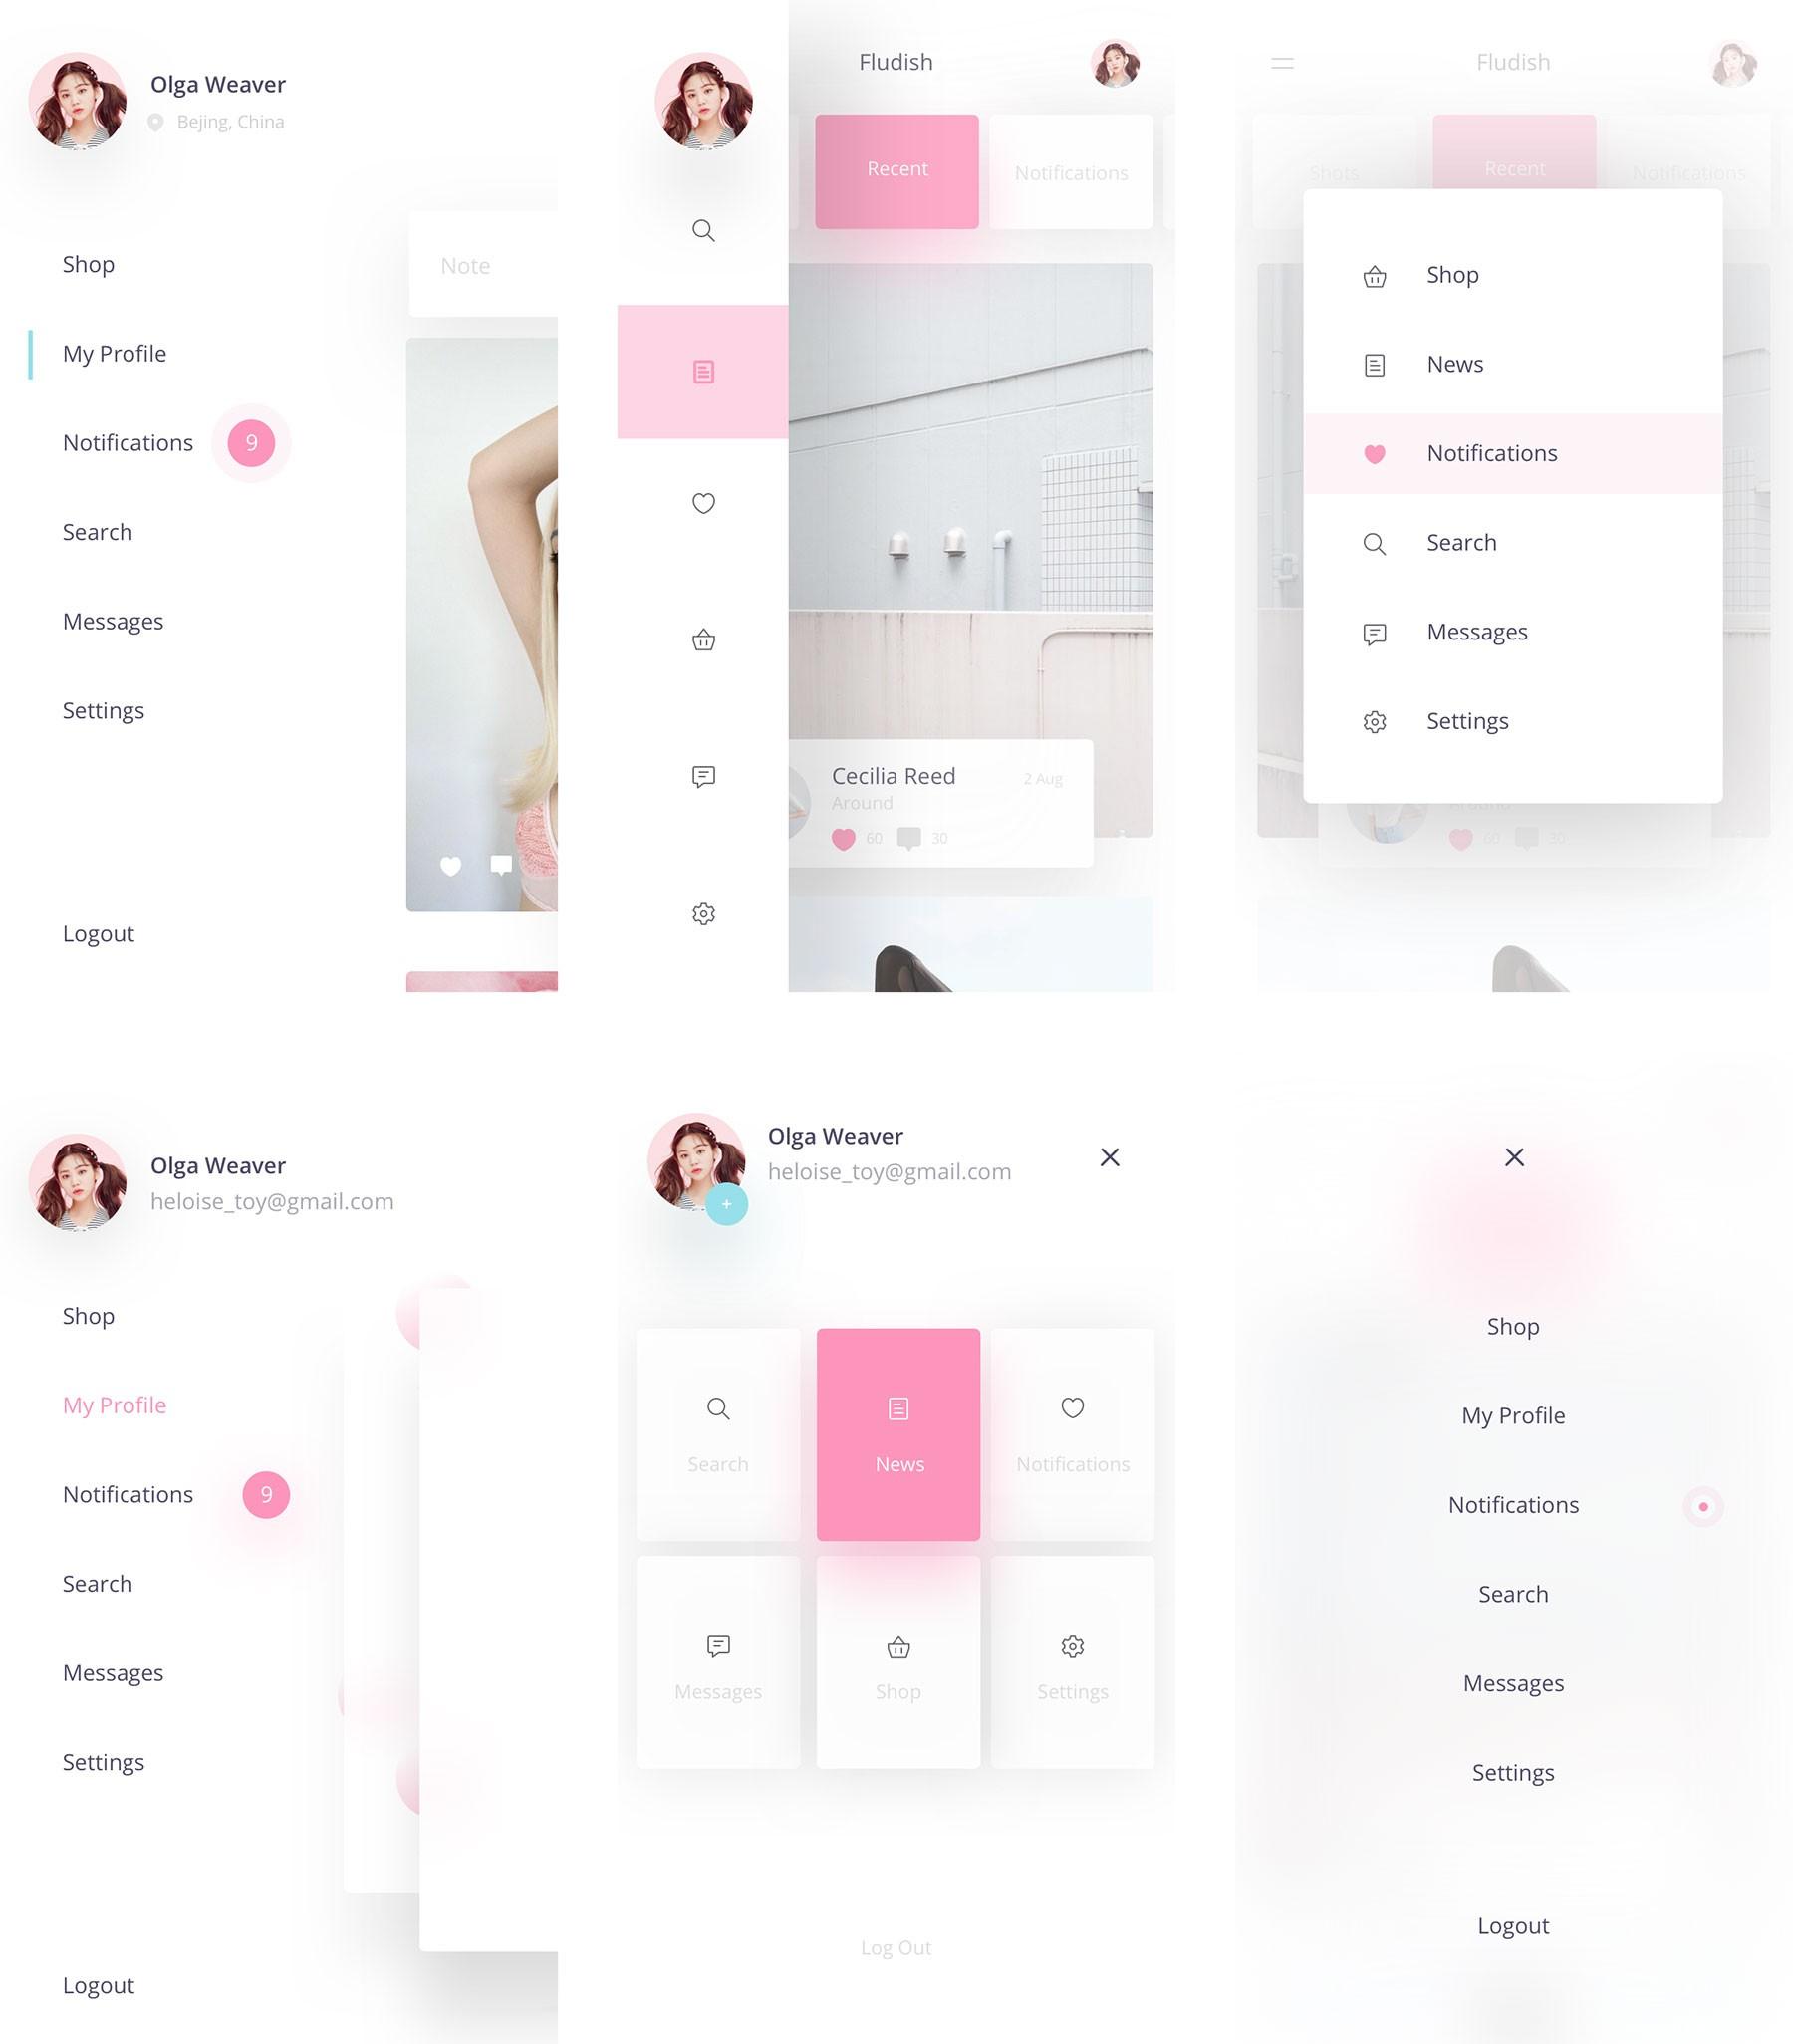 个人中心用户菜单栏UI kit,UI资源下载,sketch源文件下载